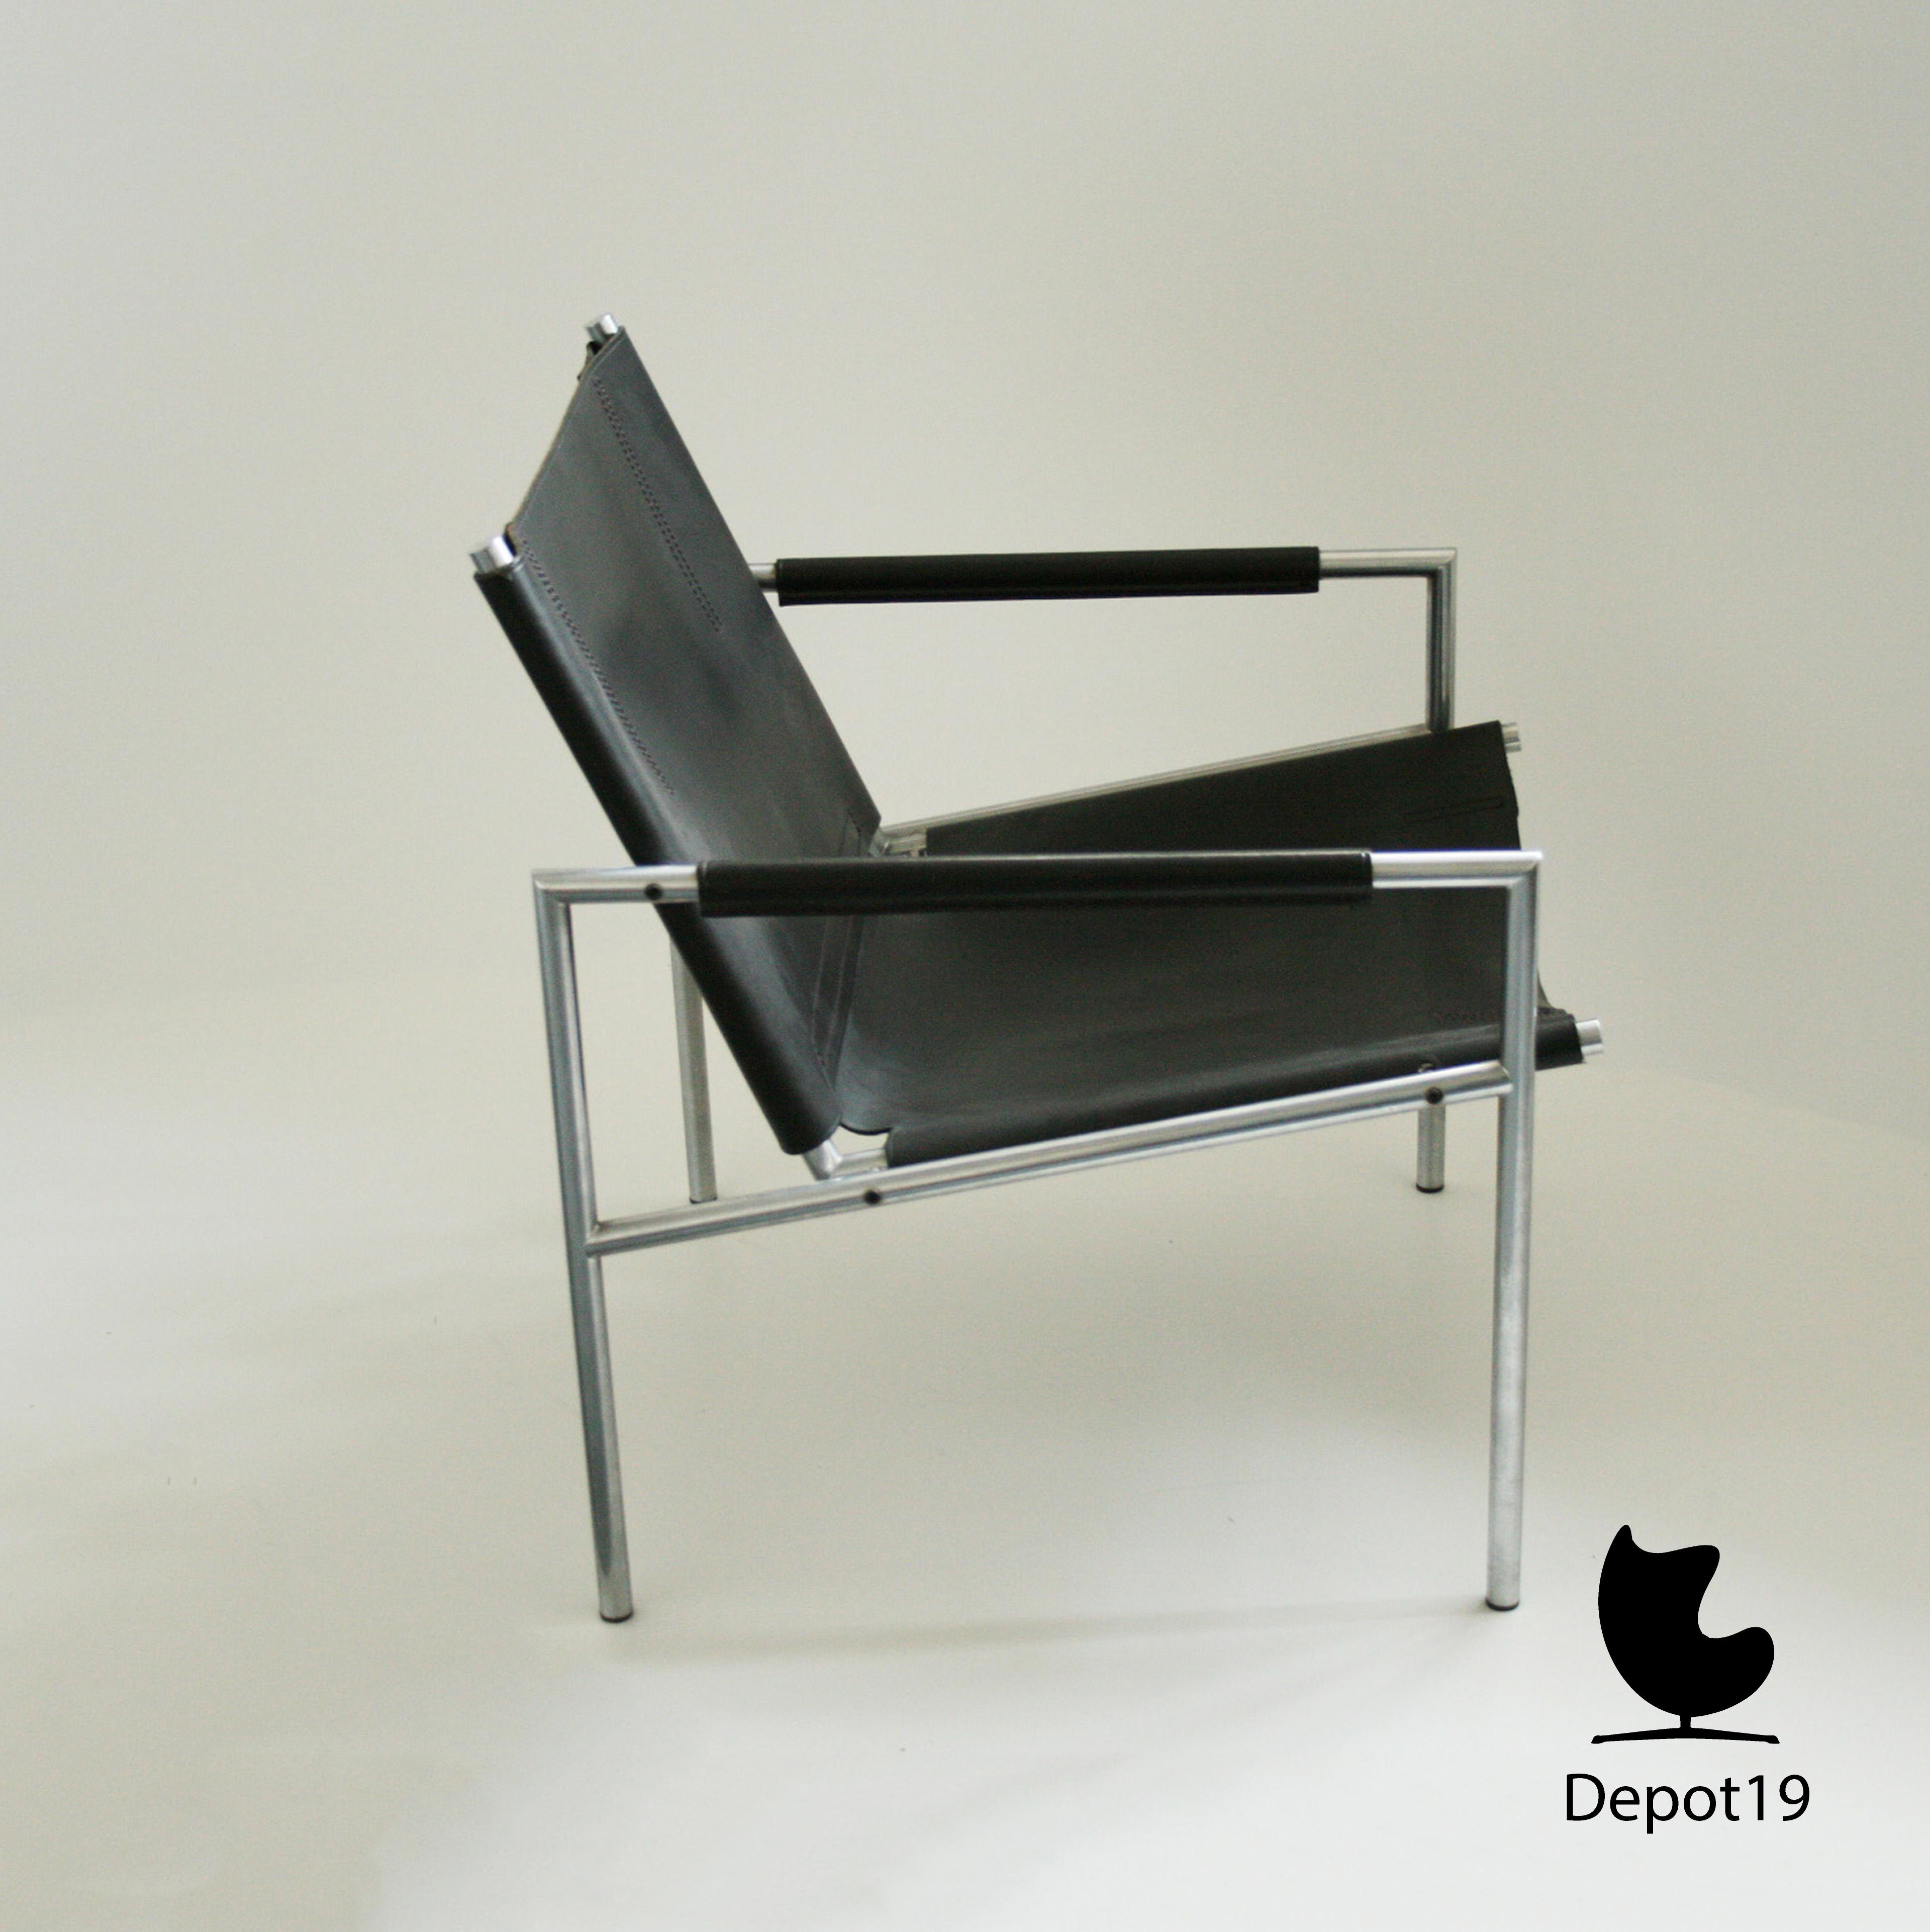 Fauteuil Leer Design.Martin Visser Sz02 Fauteuil Spectrum Dutch Zwart Leer Depot 19